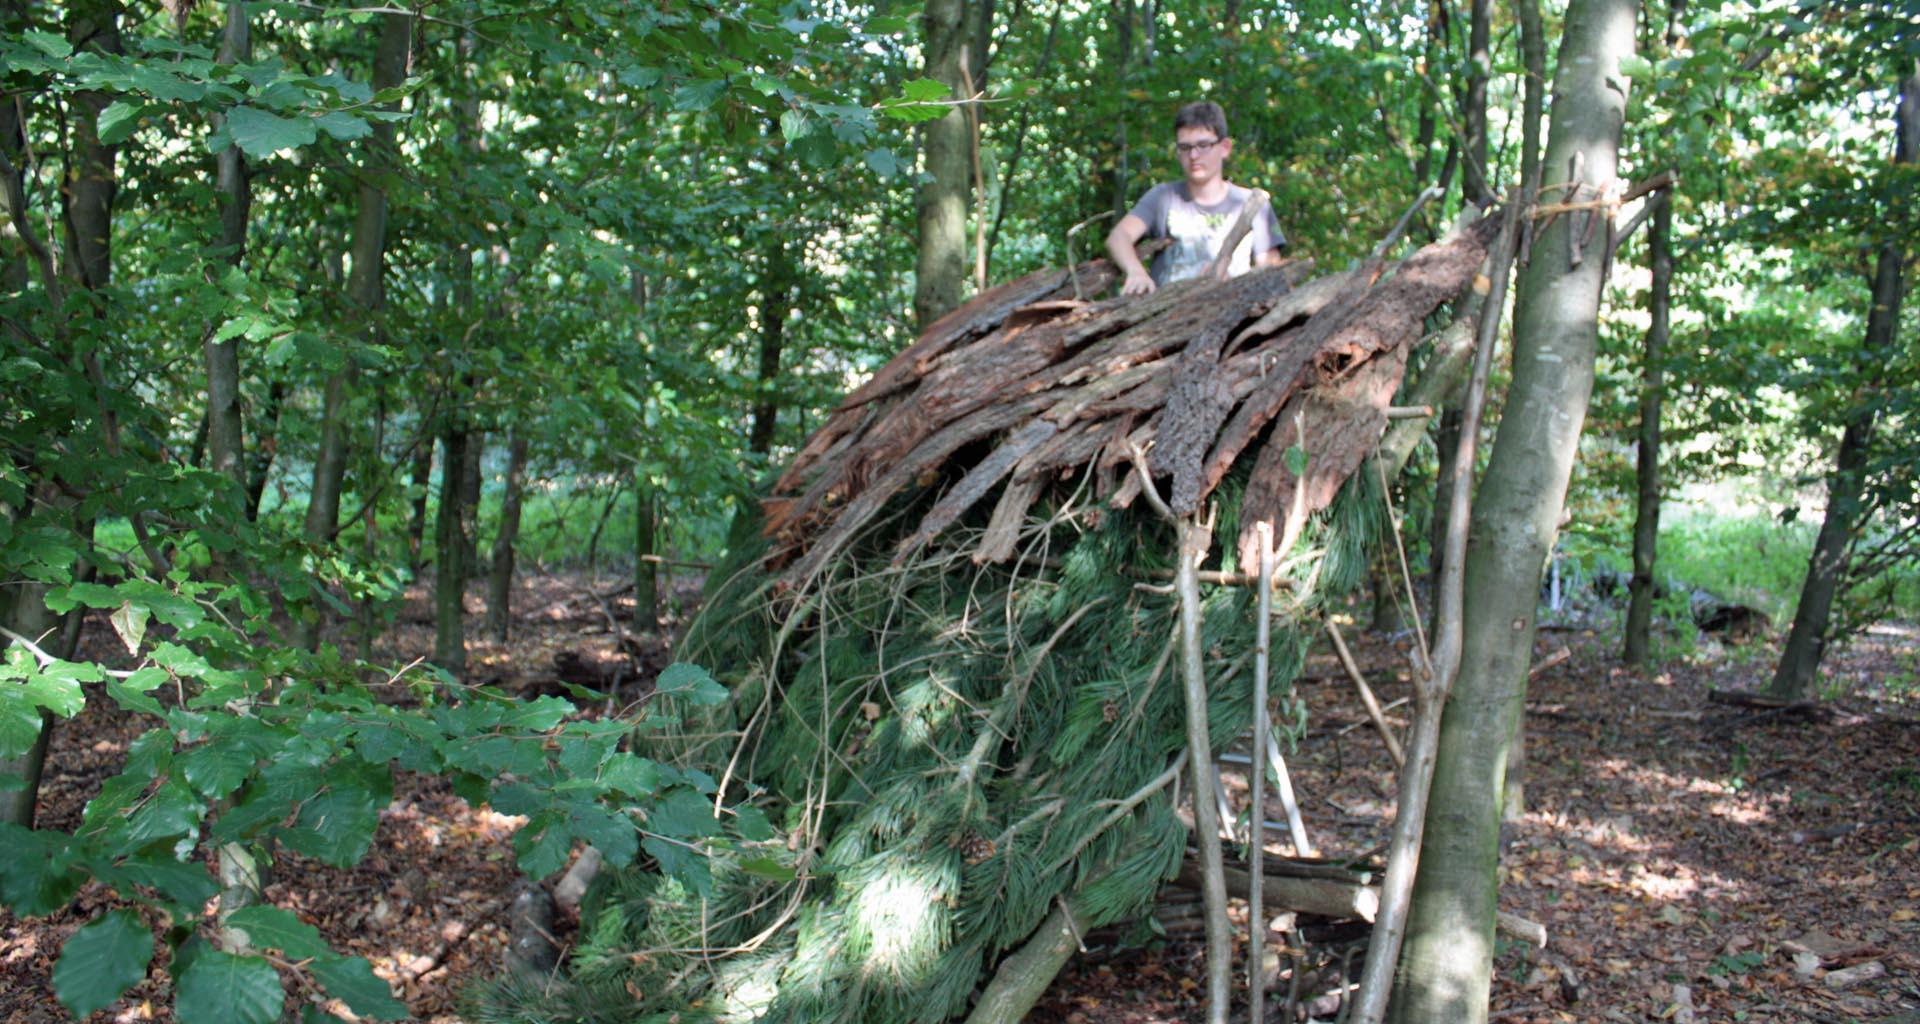 Waldscouts|Bushcraft|Hüttenbau